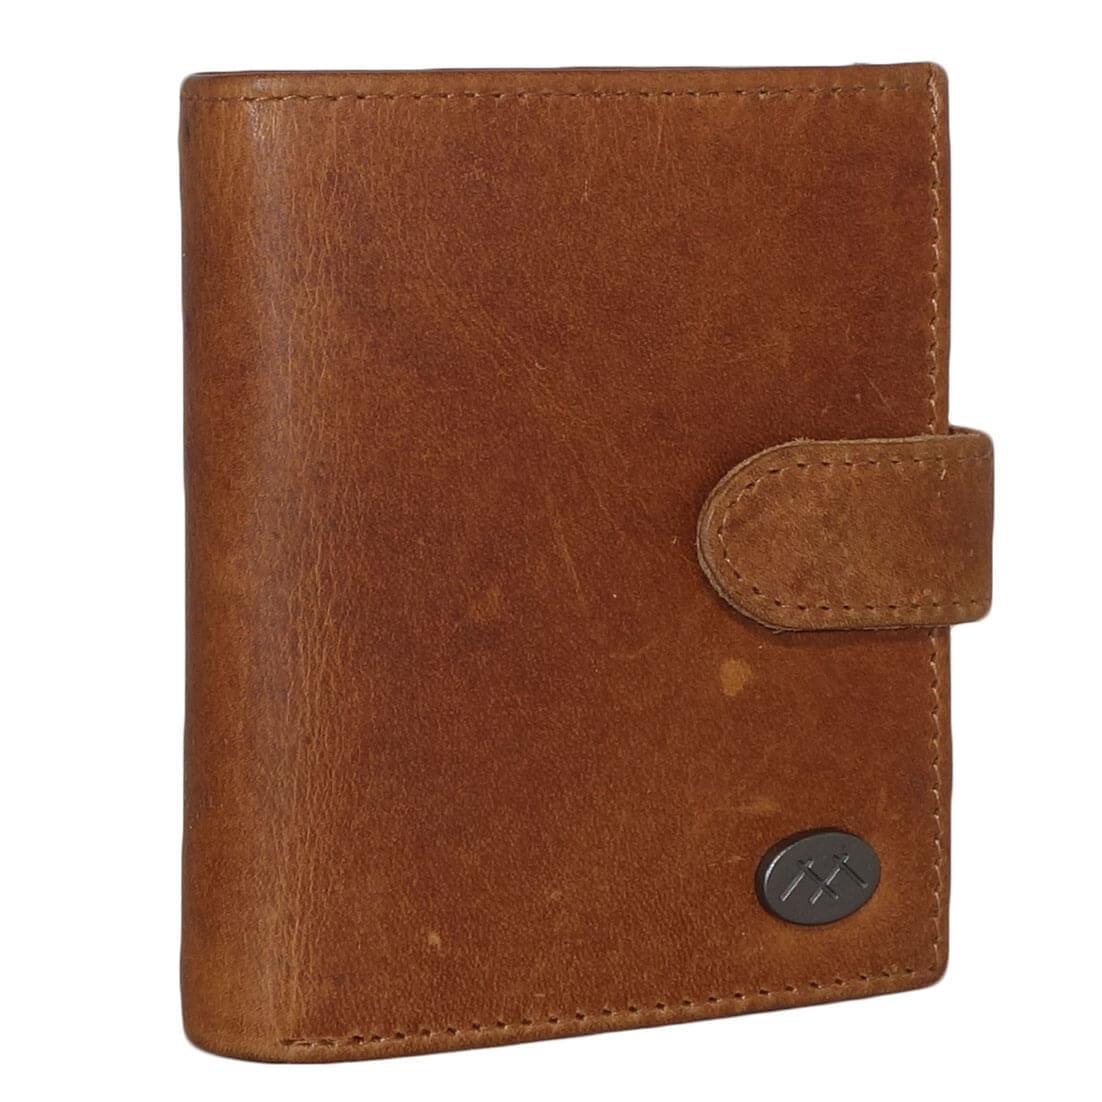 MicMacbags RFID Pasjeshouder met Drukknoop Cognac-0